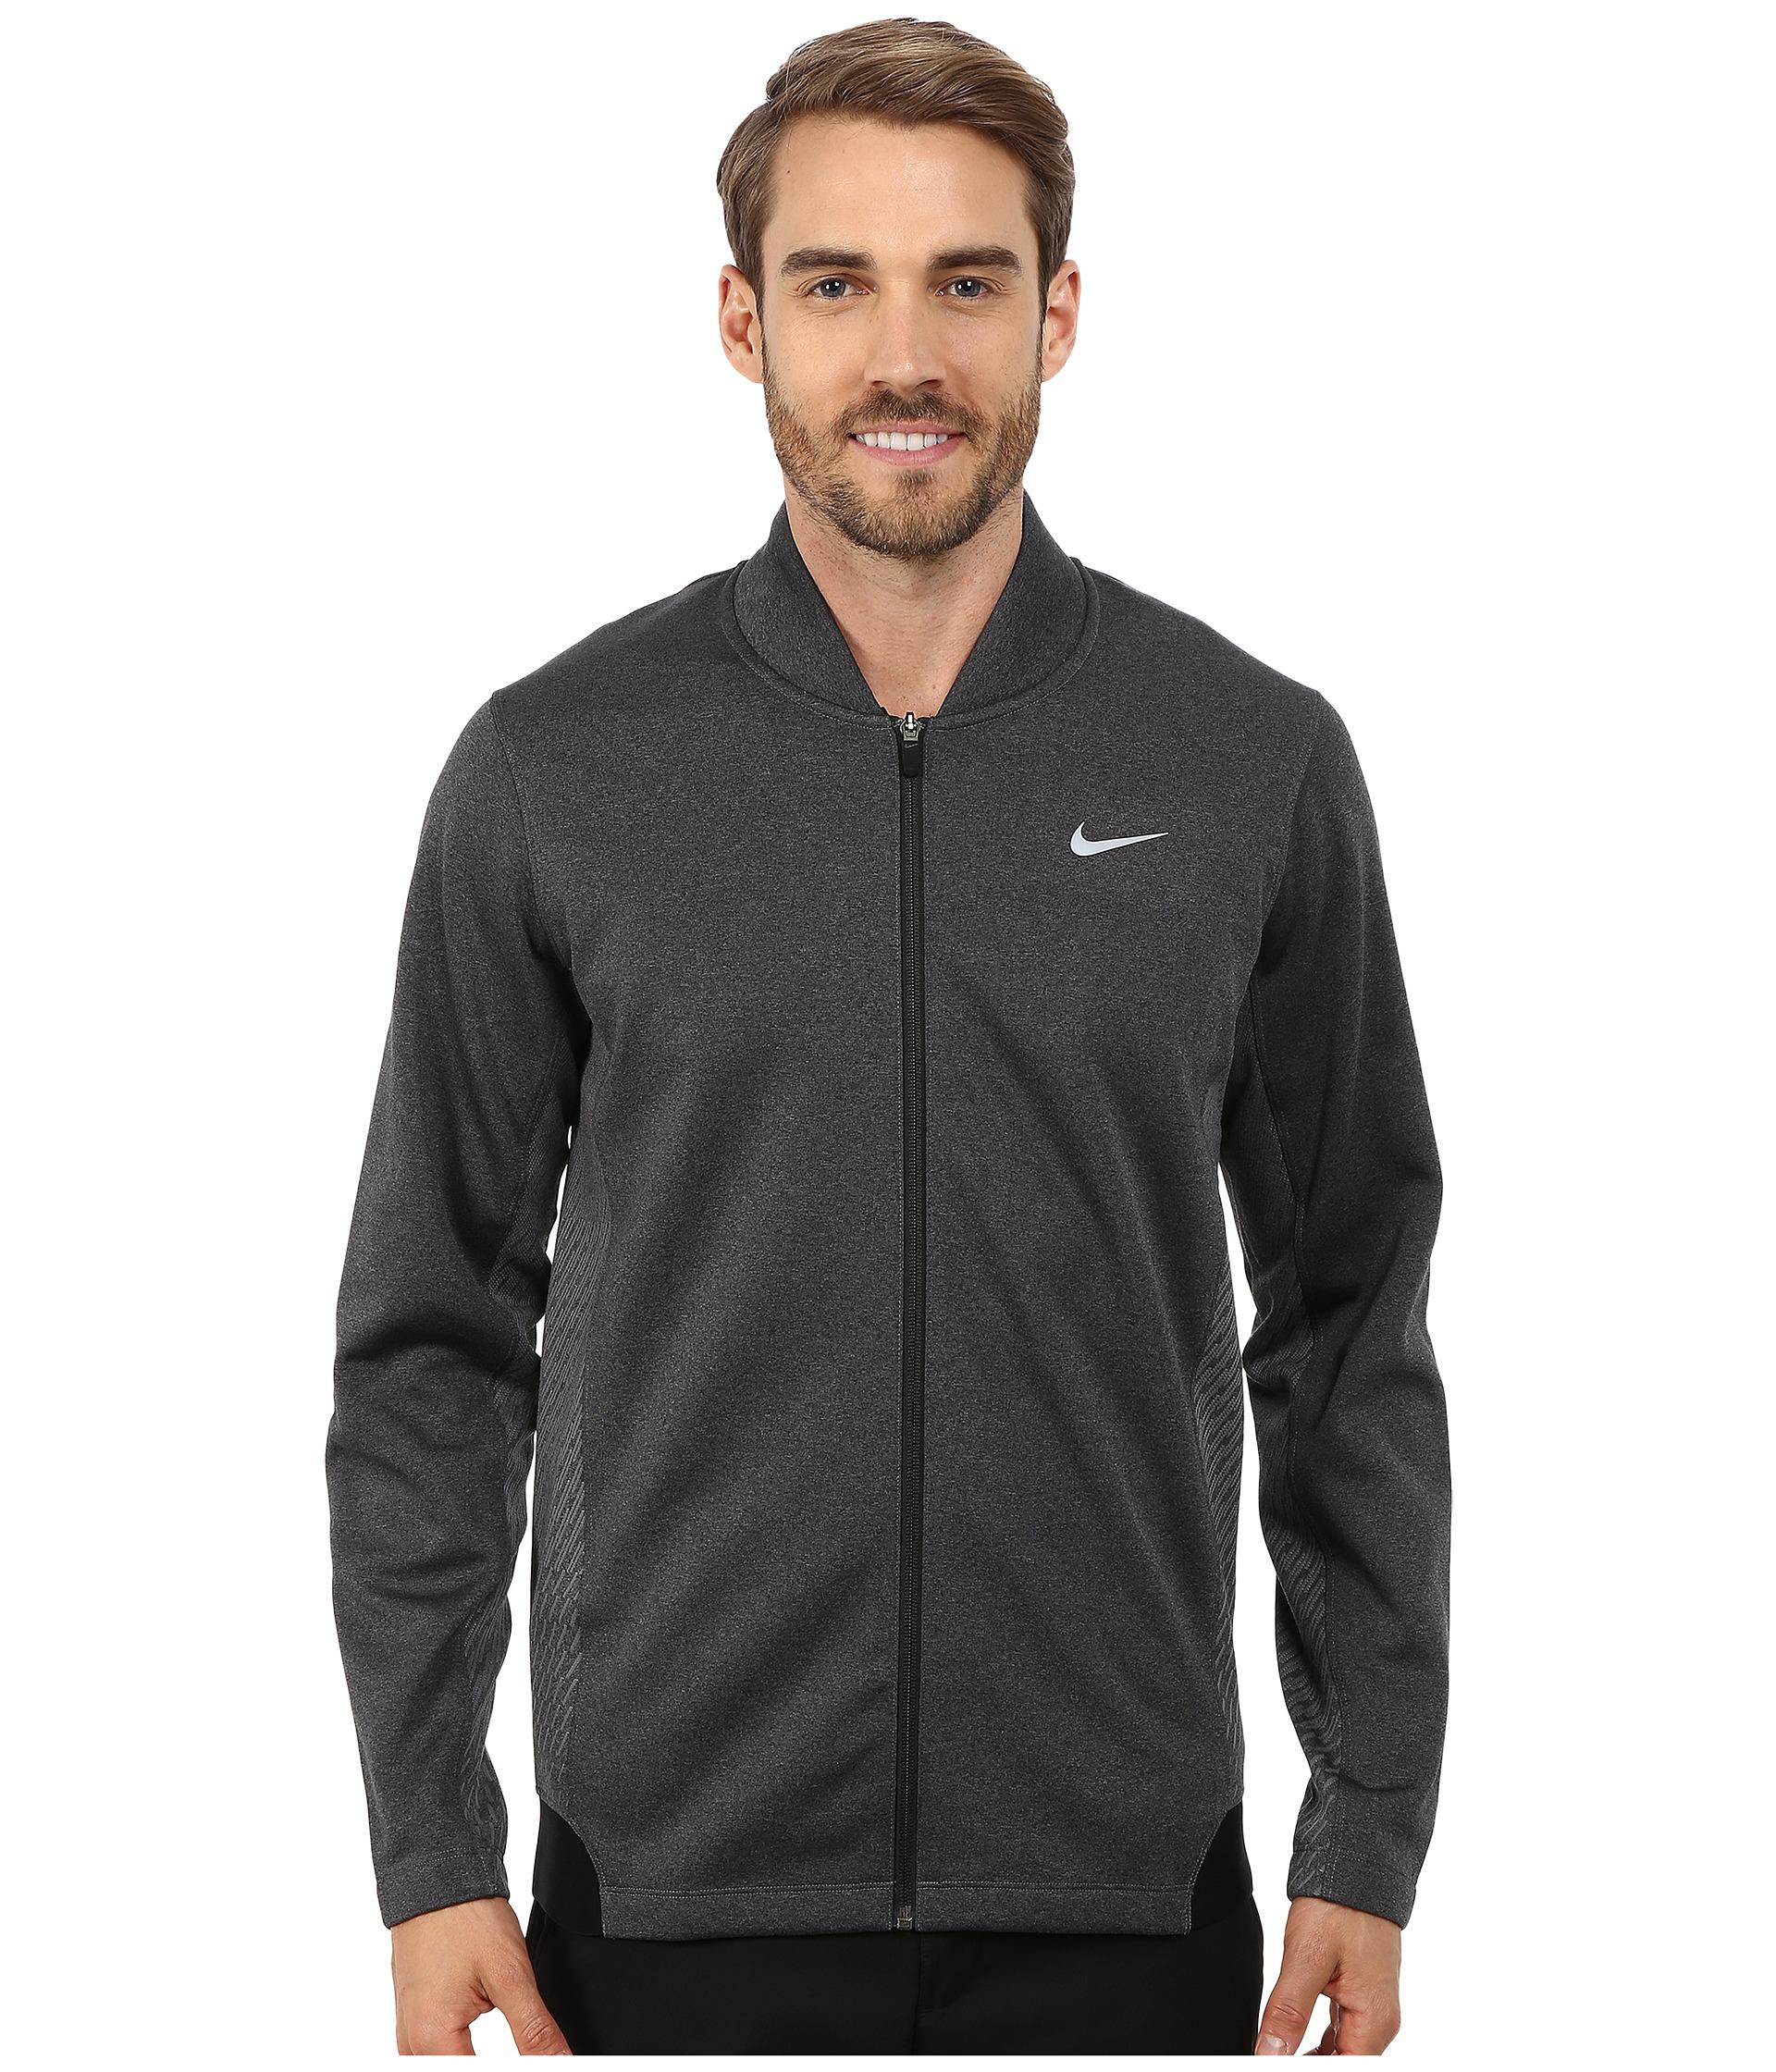 Nike epic jacket -  Nike Men S Epic Full Zip Track Jacket